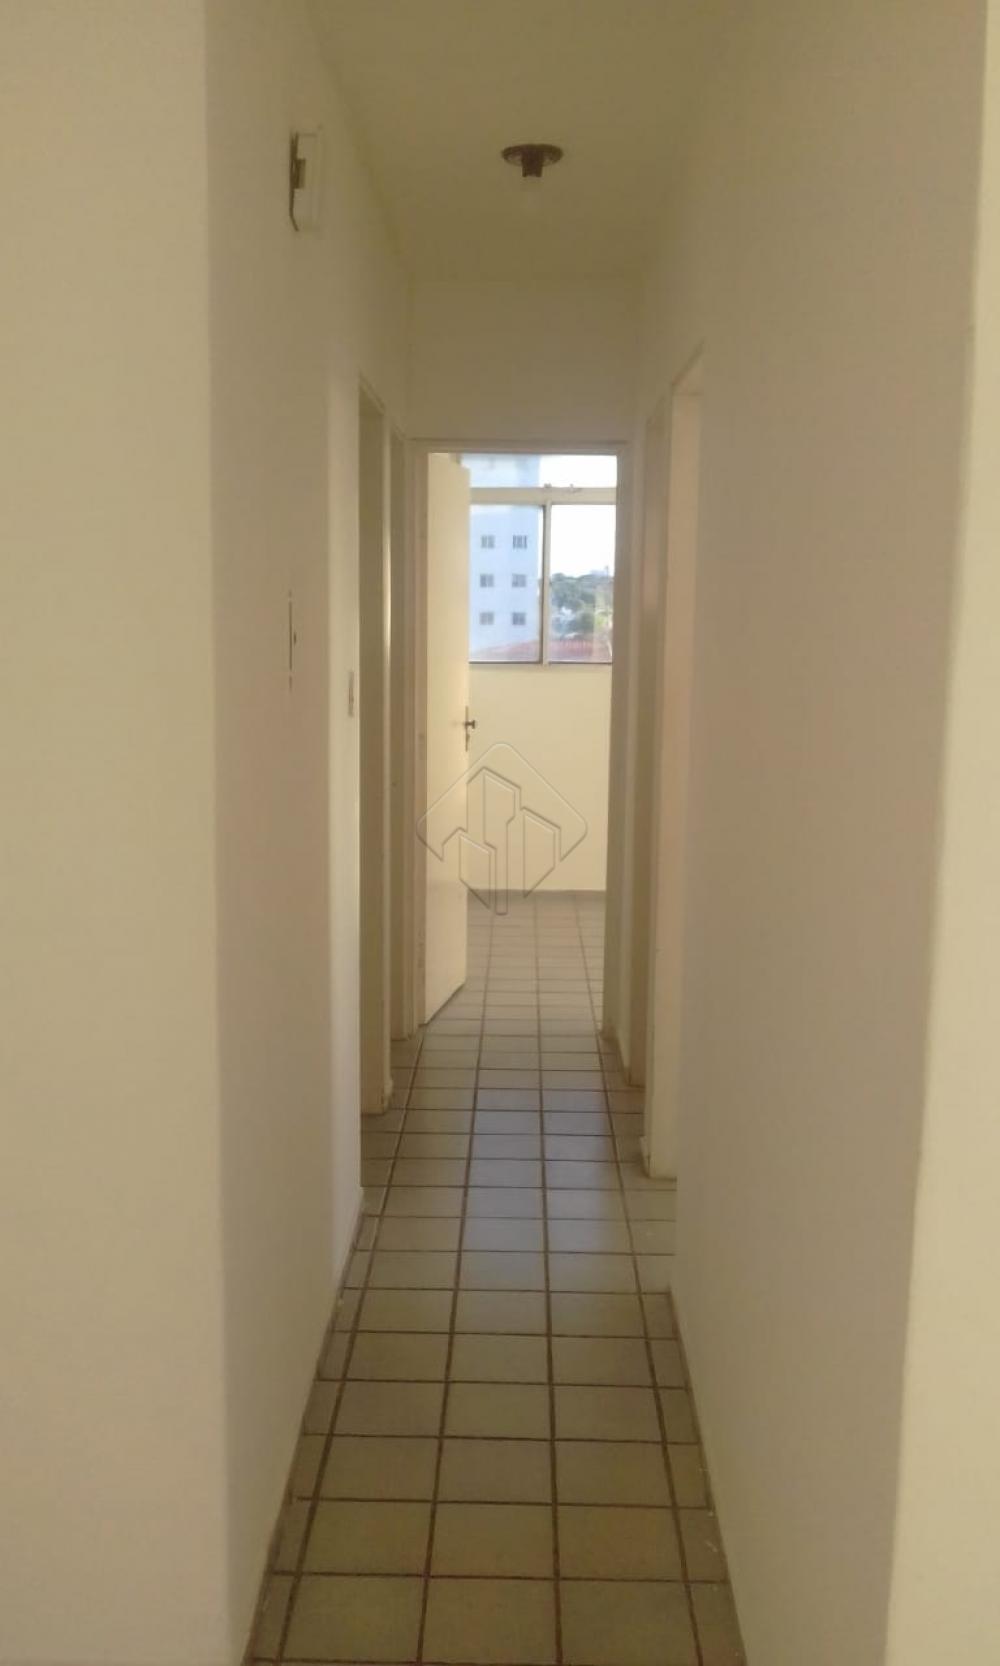 Apartamento para alugar no bairro de Tambauzinho.  Sala com varanda, 3 qtos snd 01 reversivel, wc social, cozinha c/ armários, area de serviço, 1 vaga de garagem.   AGENDE AGORA SUA VISITA TEIXEIRA DE CARVALHO IMOBILIÁRIA CRECI 304J - (83) 2106-4545